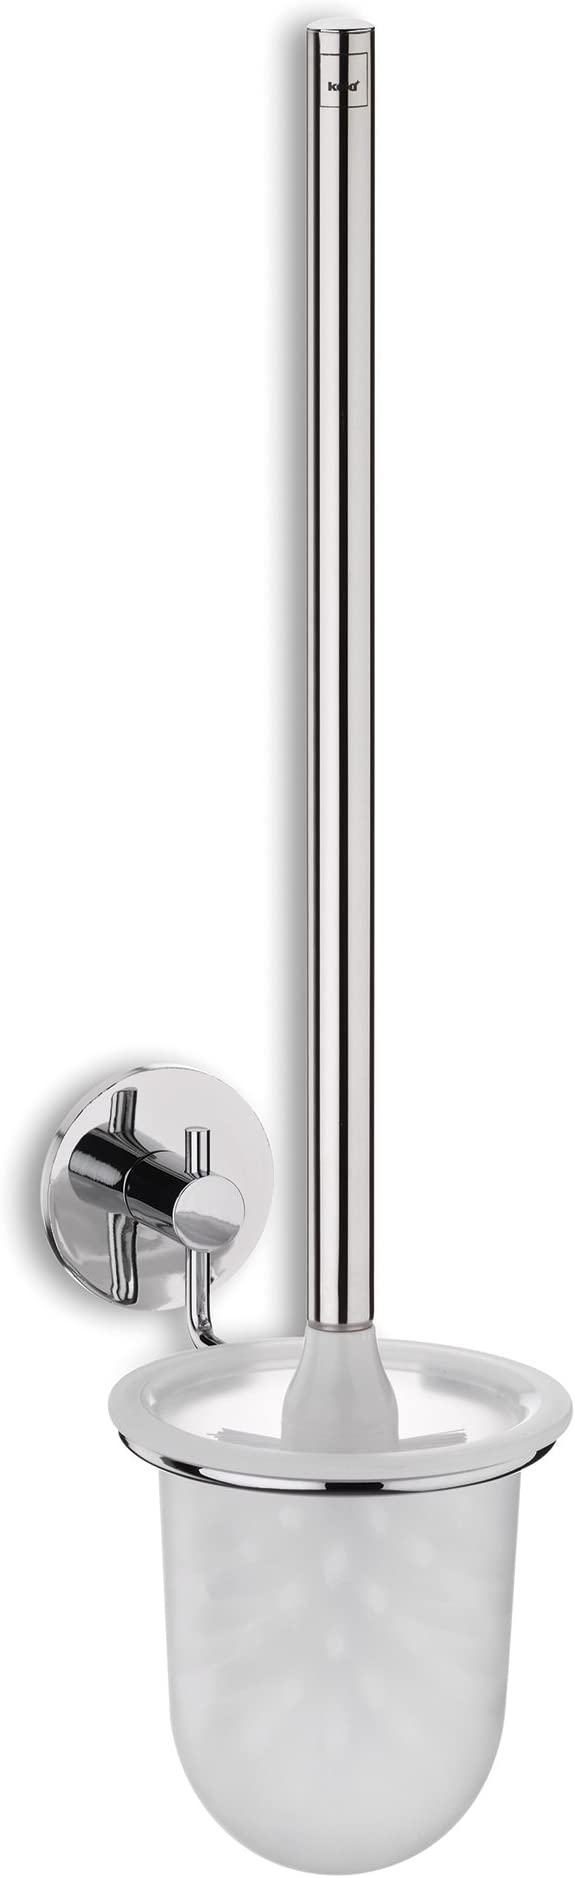 Kela WC Bürstenhalter Wandmontage Zum Kleben Quick